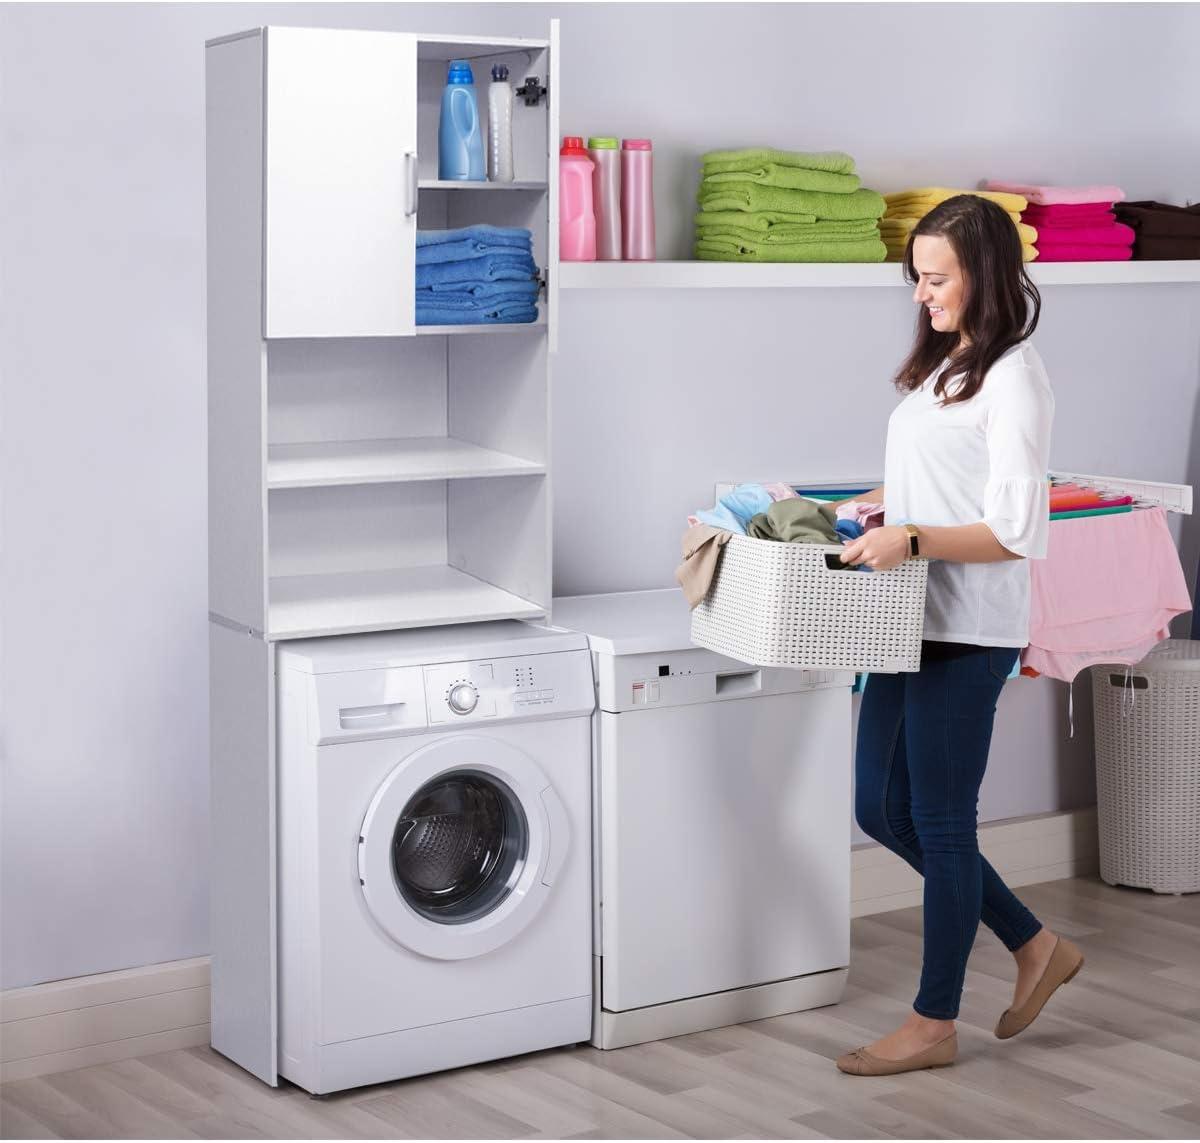 ECD Germany Mueble de lavadora - Blanco - 62,5 x 25 x 190 cm - Armario de baño para lavadora secadora Aseo WC - Estante aglomerado común